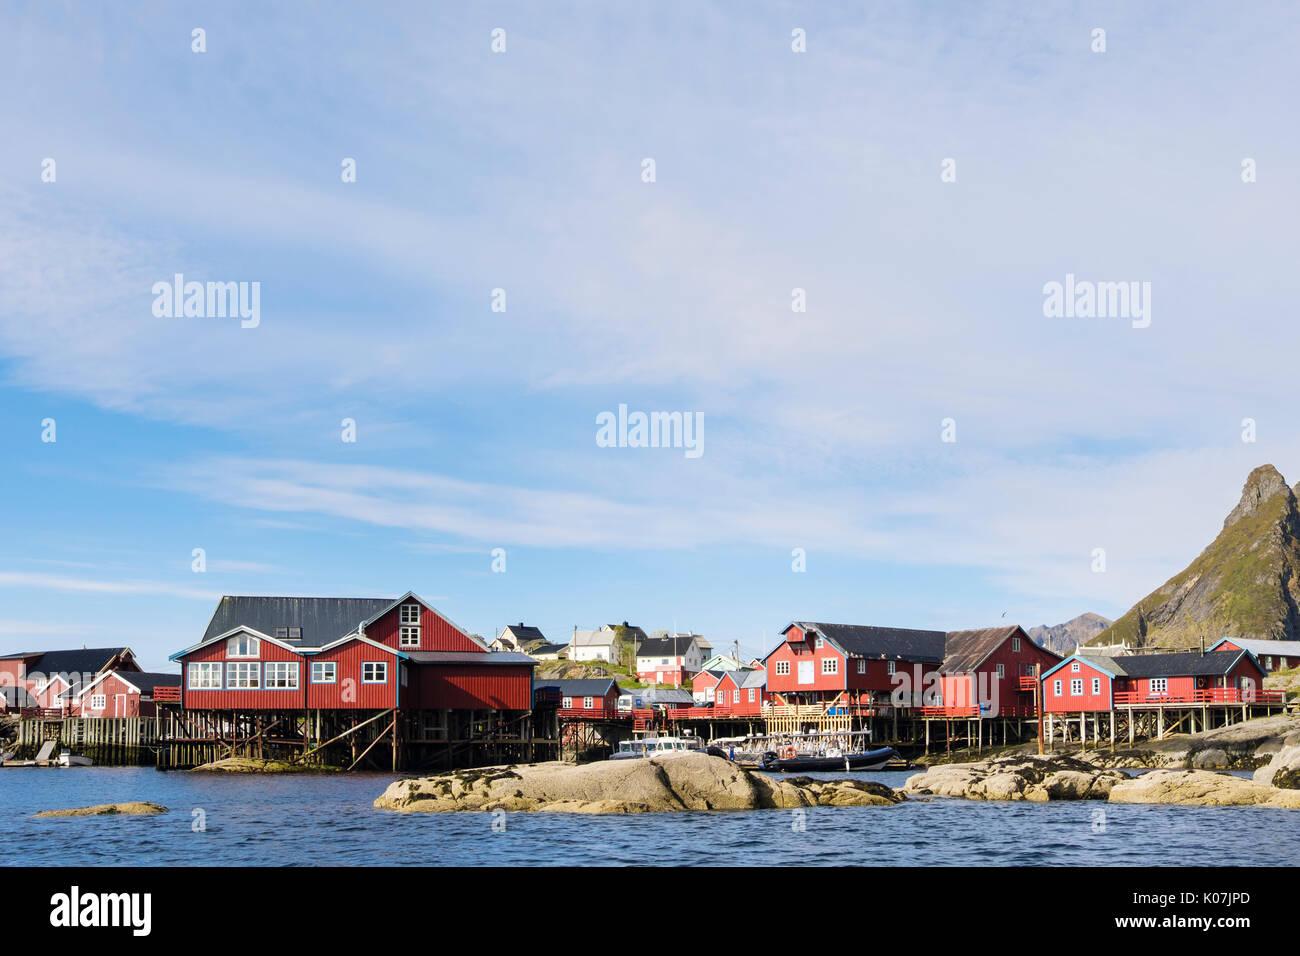 Cabanes de pêcheurs en bois rouge et des bâtiments sur pilotis par l'eau dans le village de pêche de Å, l'île de Banque D'Images